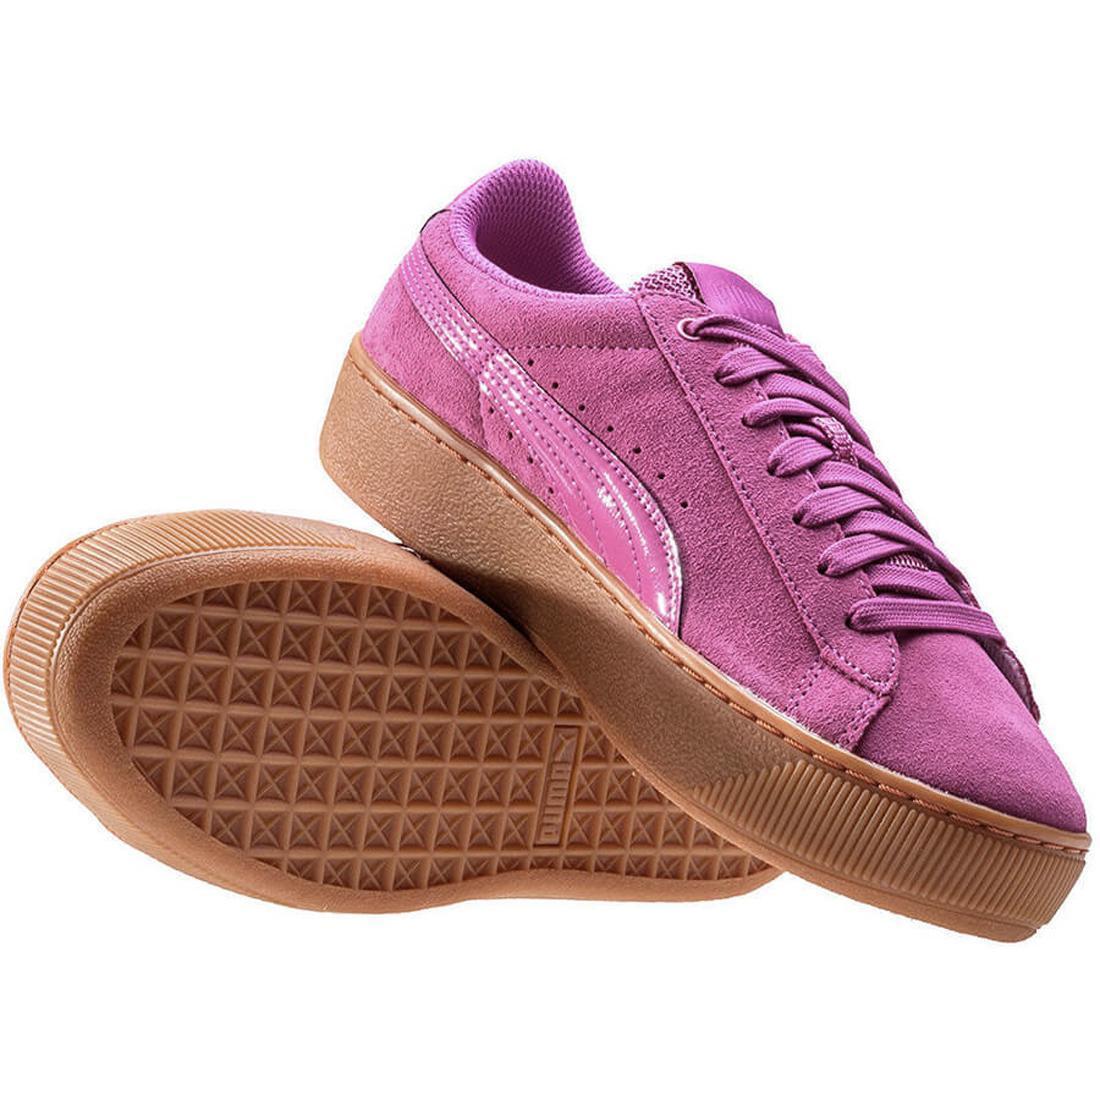 Puma Violett Vikky Plateau Turnschuhe Rosa Violett Puma Damen Wildleder-Schuhe Zum Schnüren b9eb6c